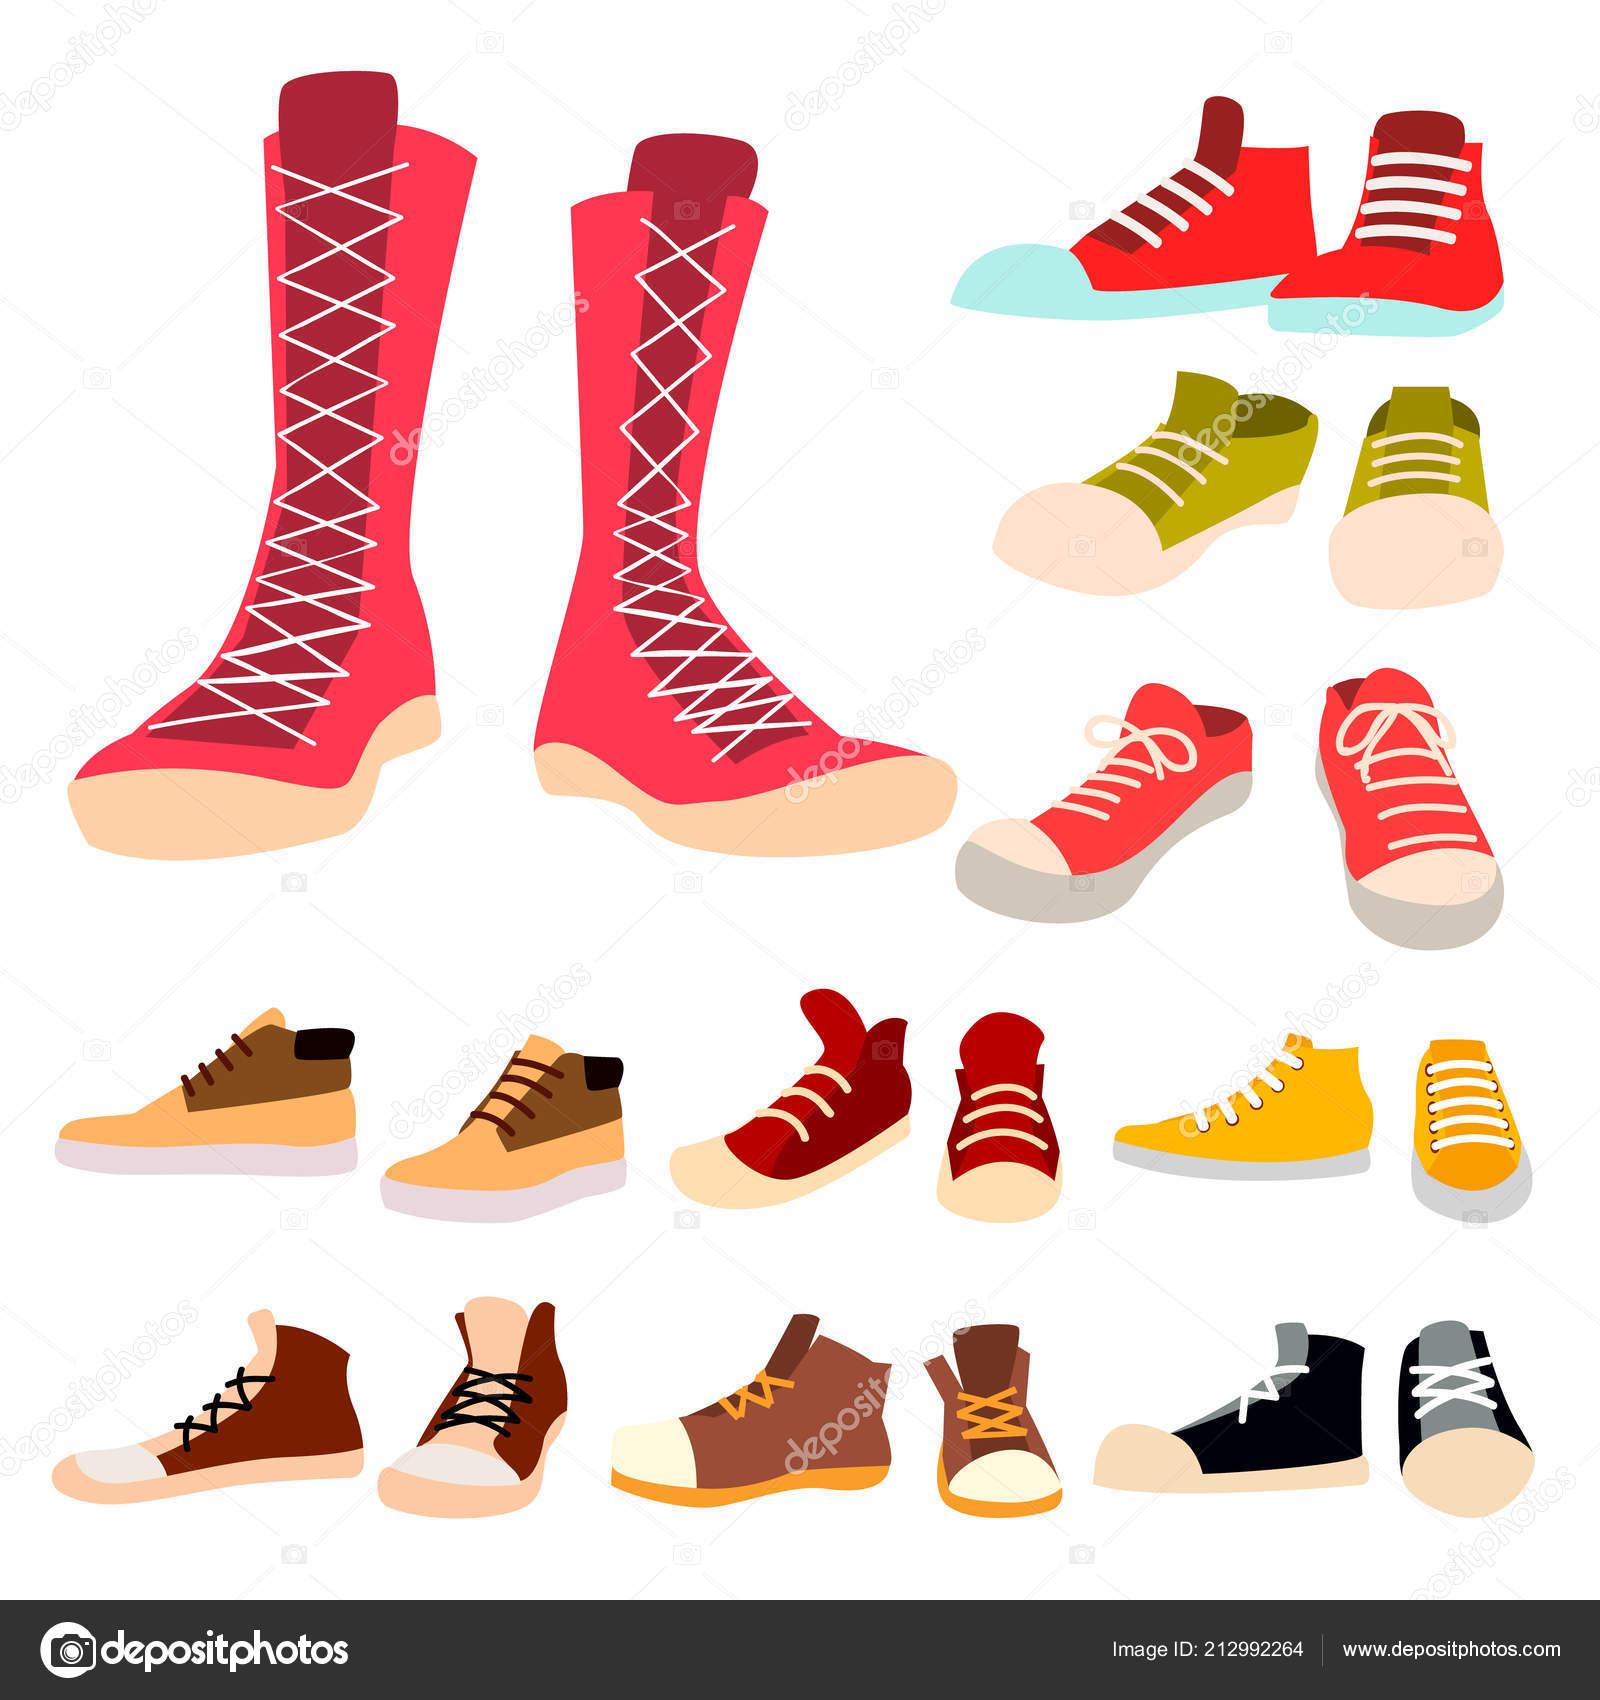 66042a7c Кроссовки задать вектор. Пара случайных новых спортивная обувь. Ноги одежды,  обуви, шнурки для обуви. Запуск, спорт. Изолированных иллюстрация — Вектор  от ...